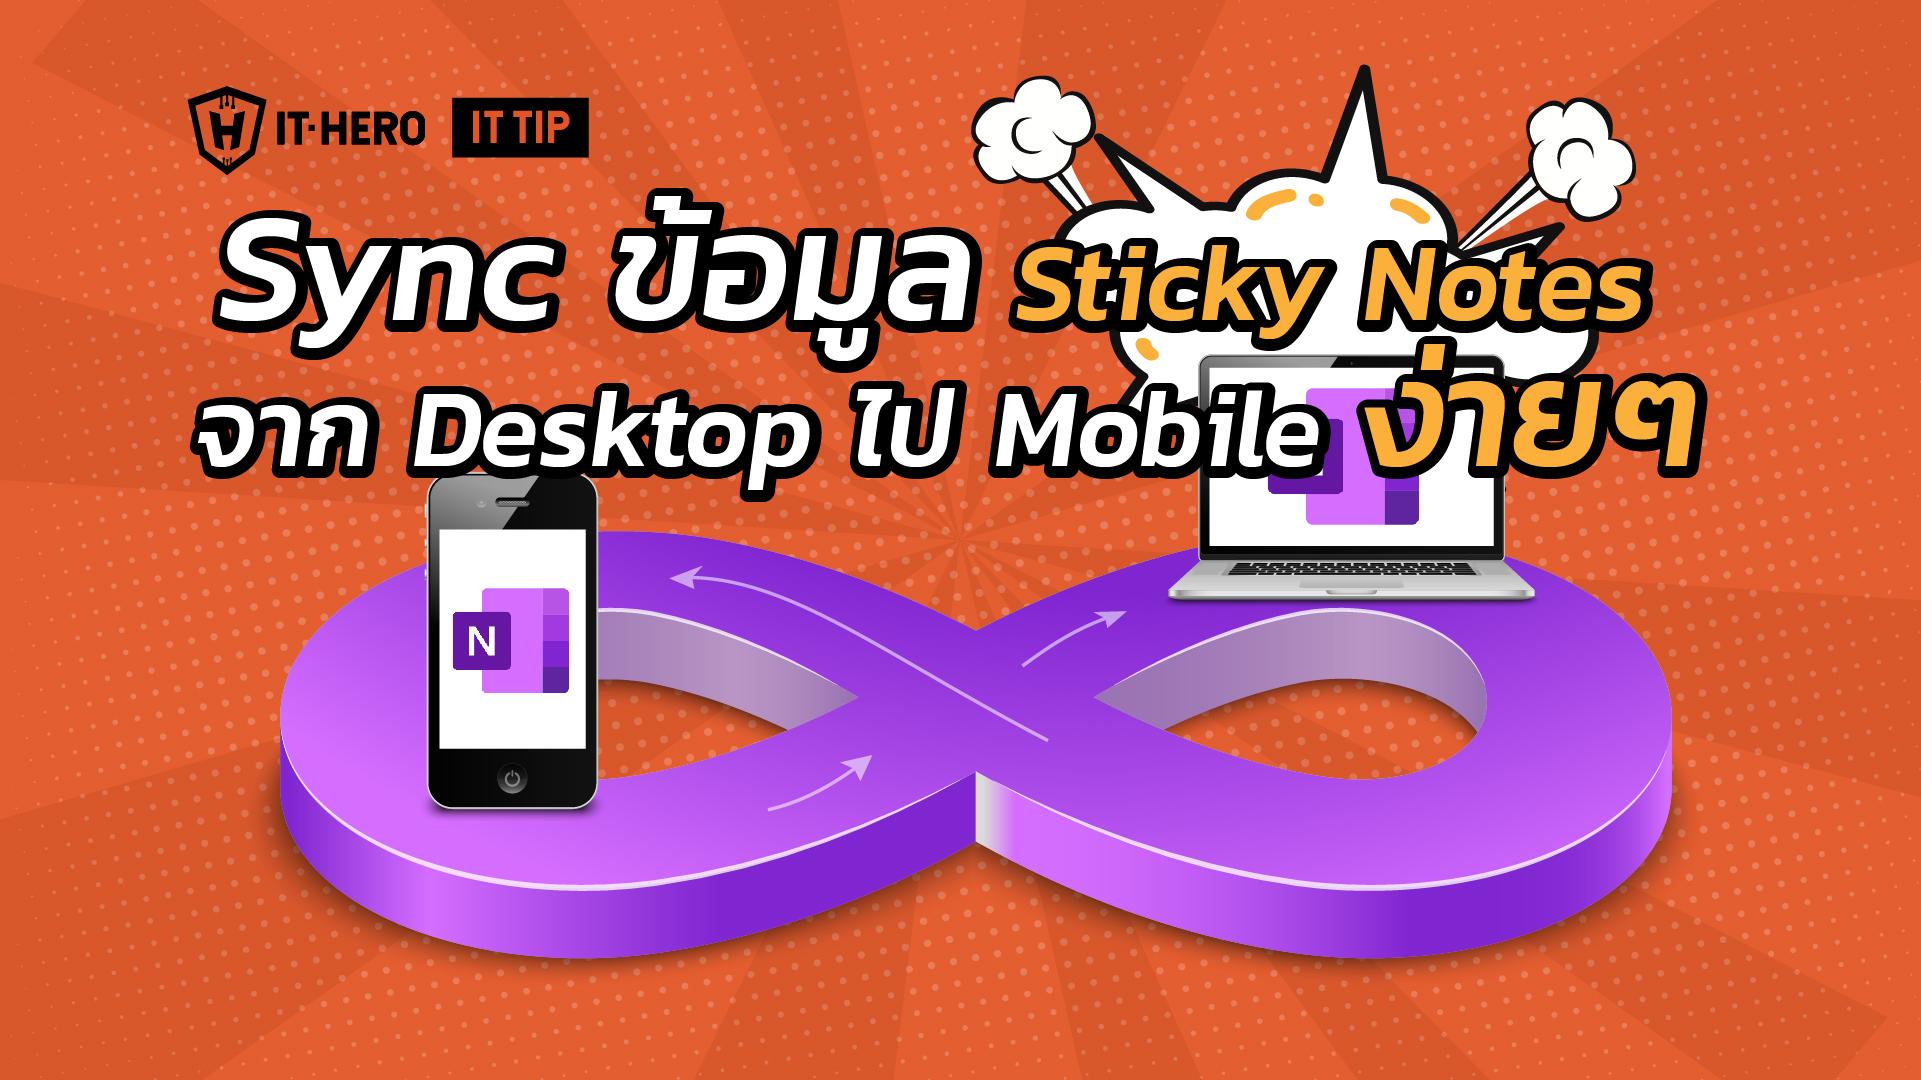 One Note-การเชื่อมต่อ Sticky Note จาก Desktop ไปที่มือถือ ทำอย่างไร